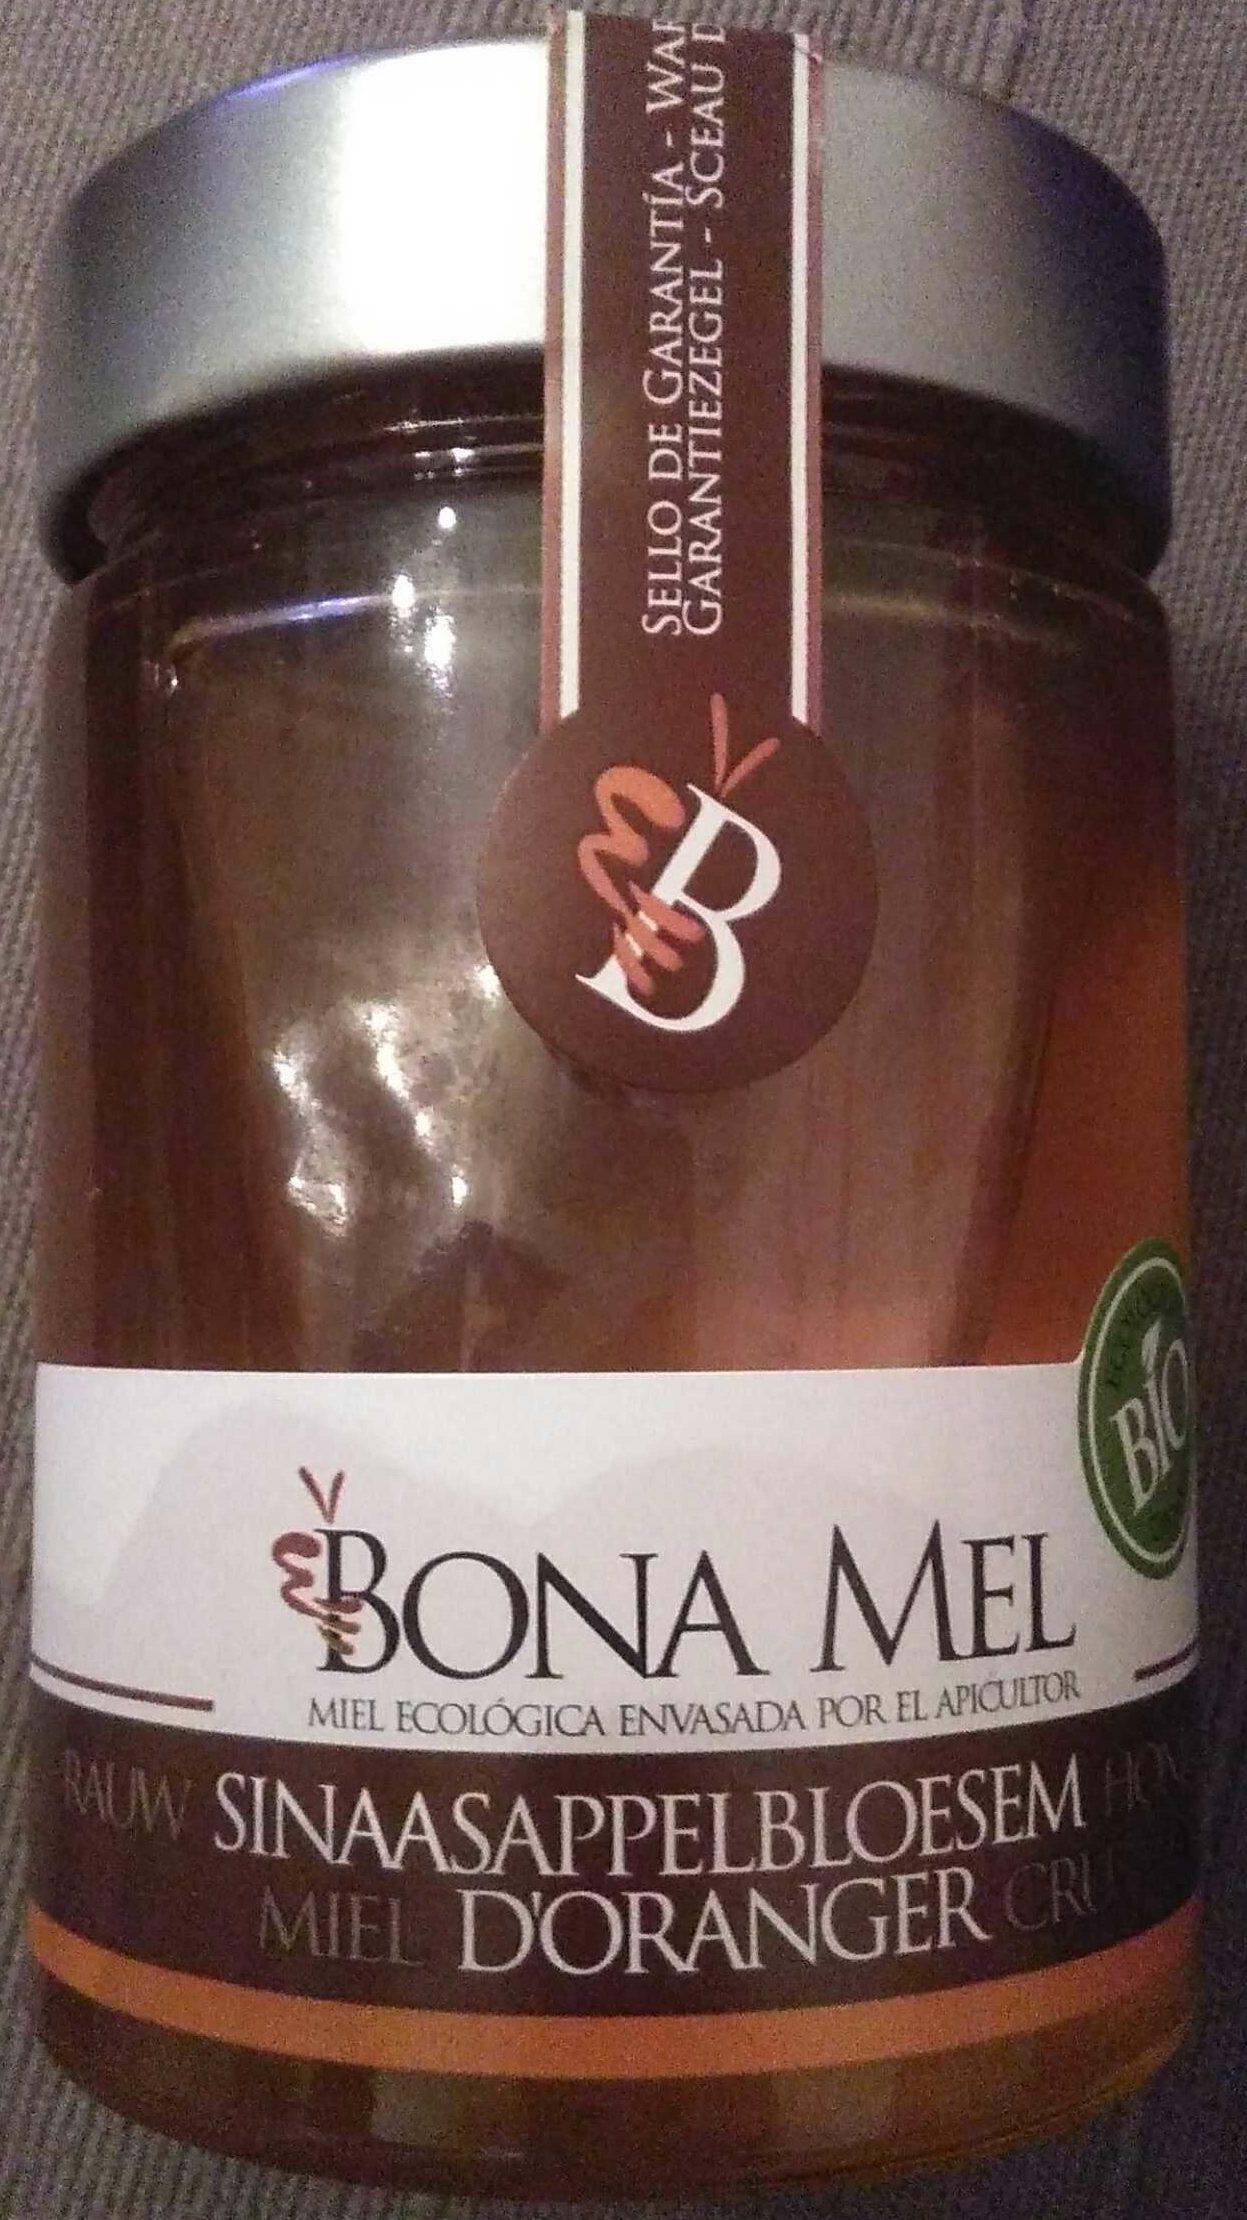 Miel biologique - Product - fr